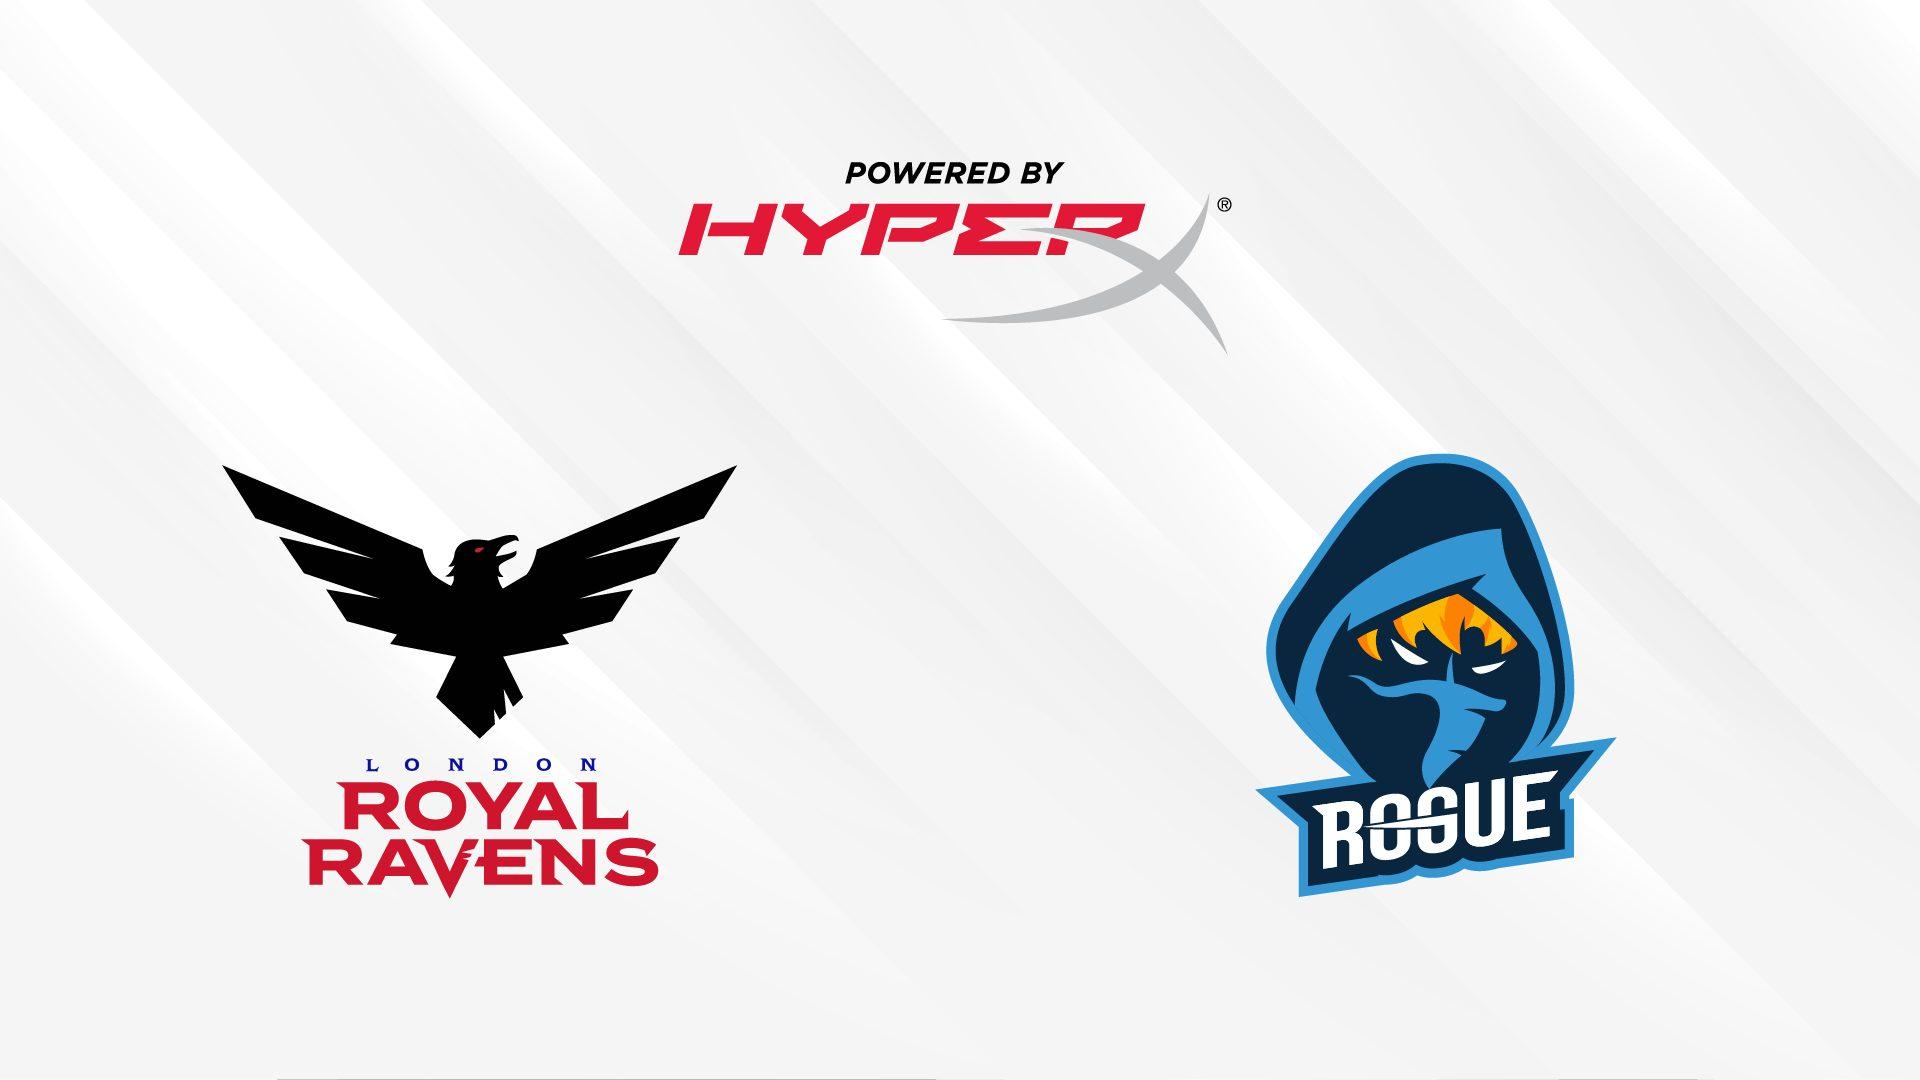 HyperX, Rogue , London Royal Ravens